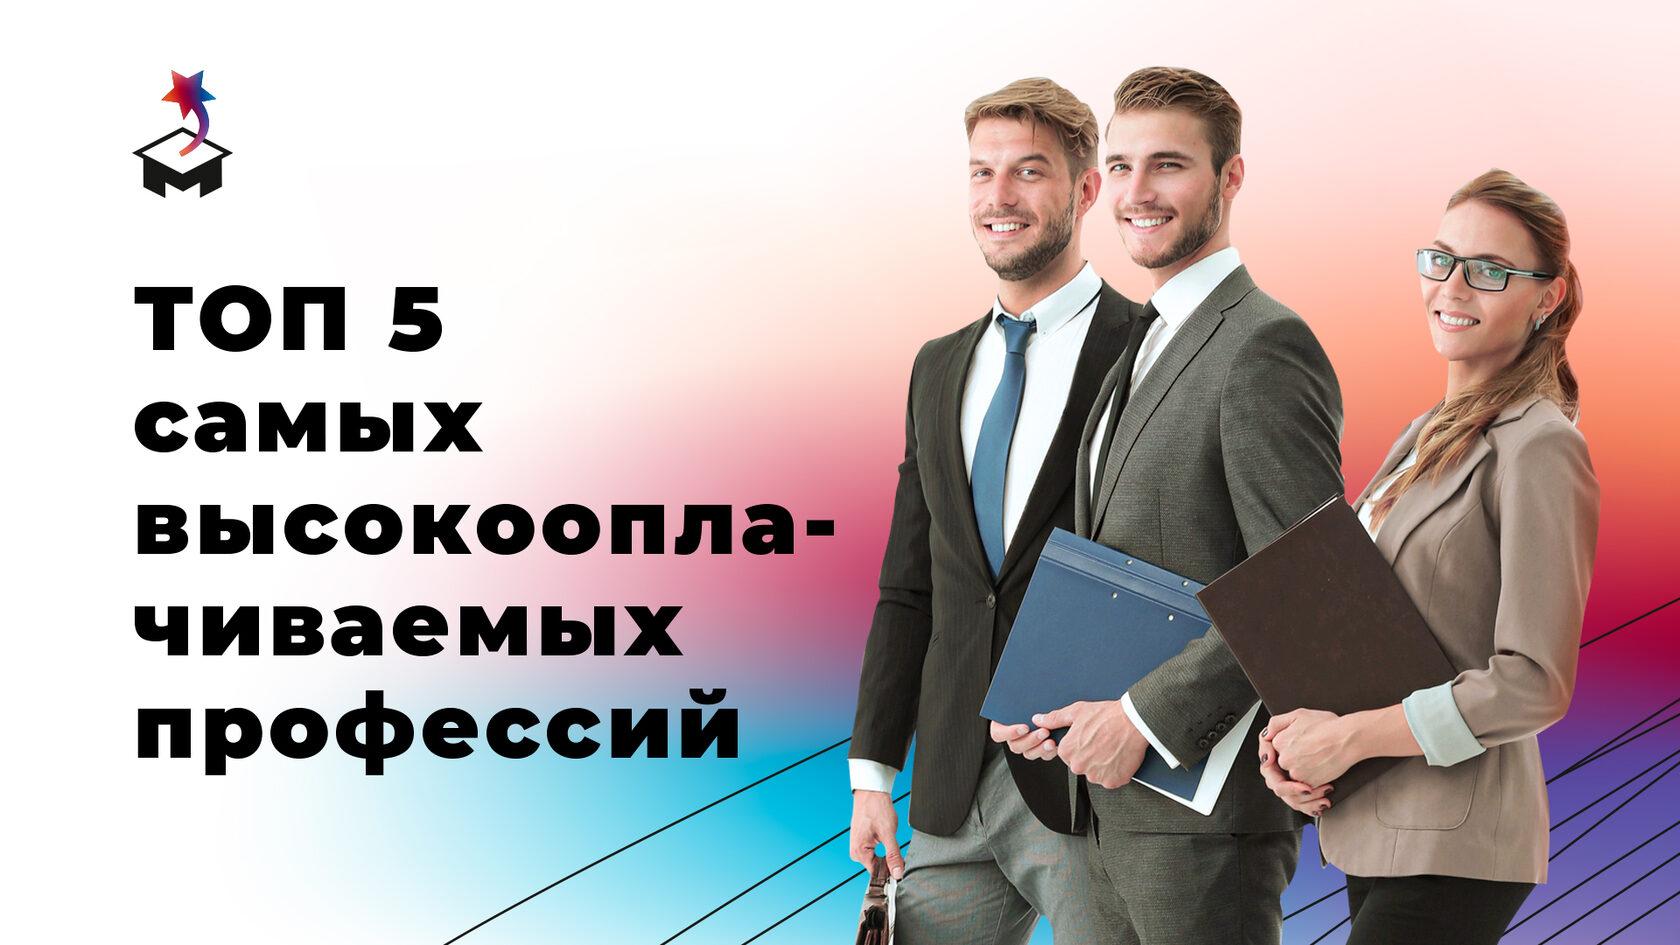 Группа молодых людей в офисной одежде